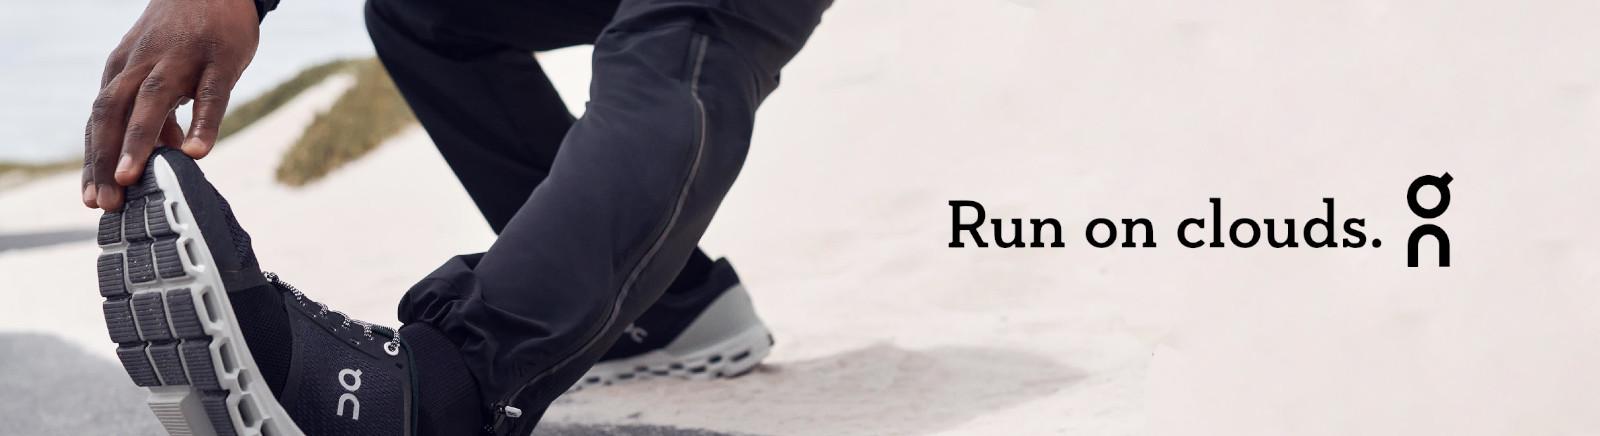 On Running Damenschuhe online shoppen bei Prange Schuhe